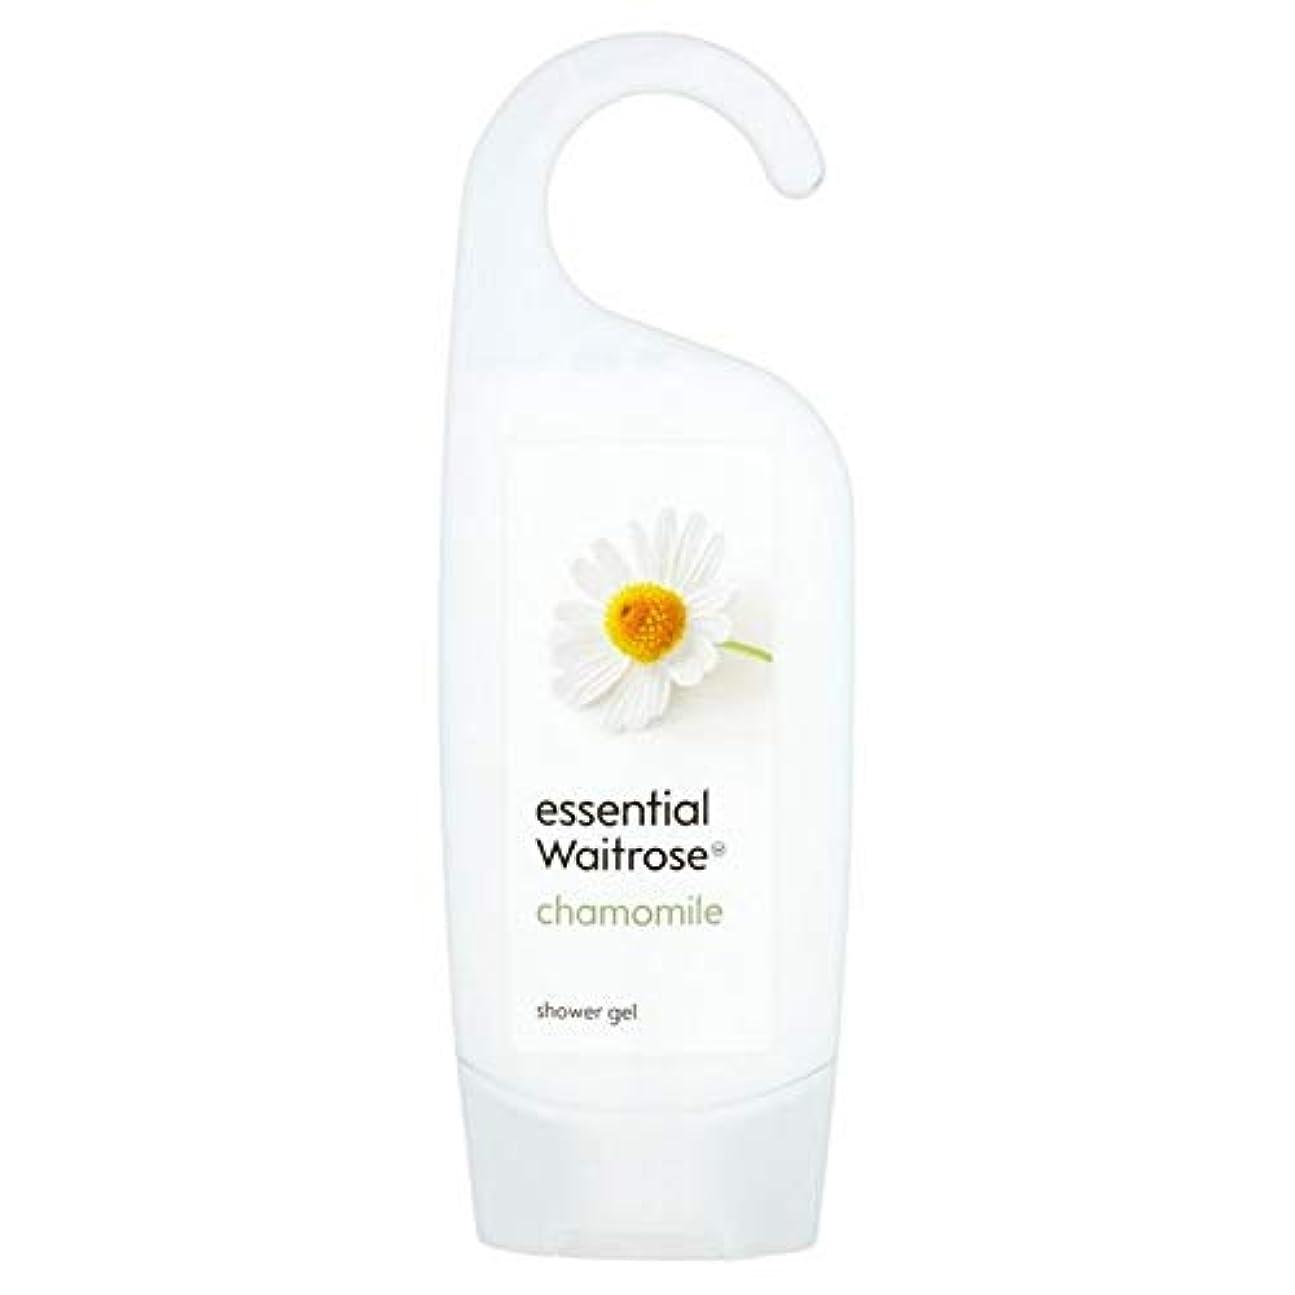 六ダッシュ納屋[Waitrose ] 基本的なウェイトローズカモミールシャワージェル250ミリリットル - Essential Waitrose Chamomile Shower Gel 250ml [並行輸入品]